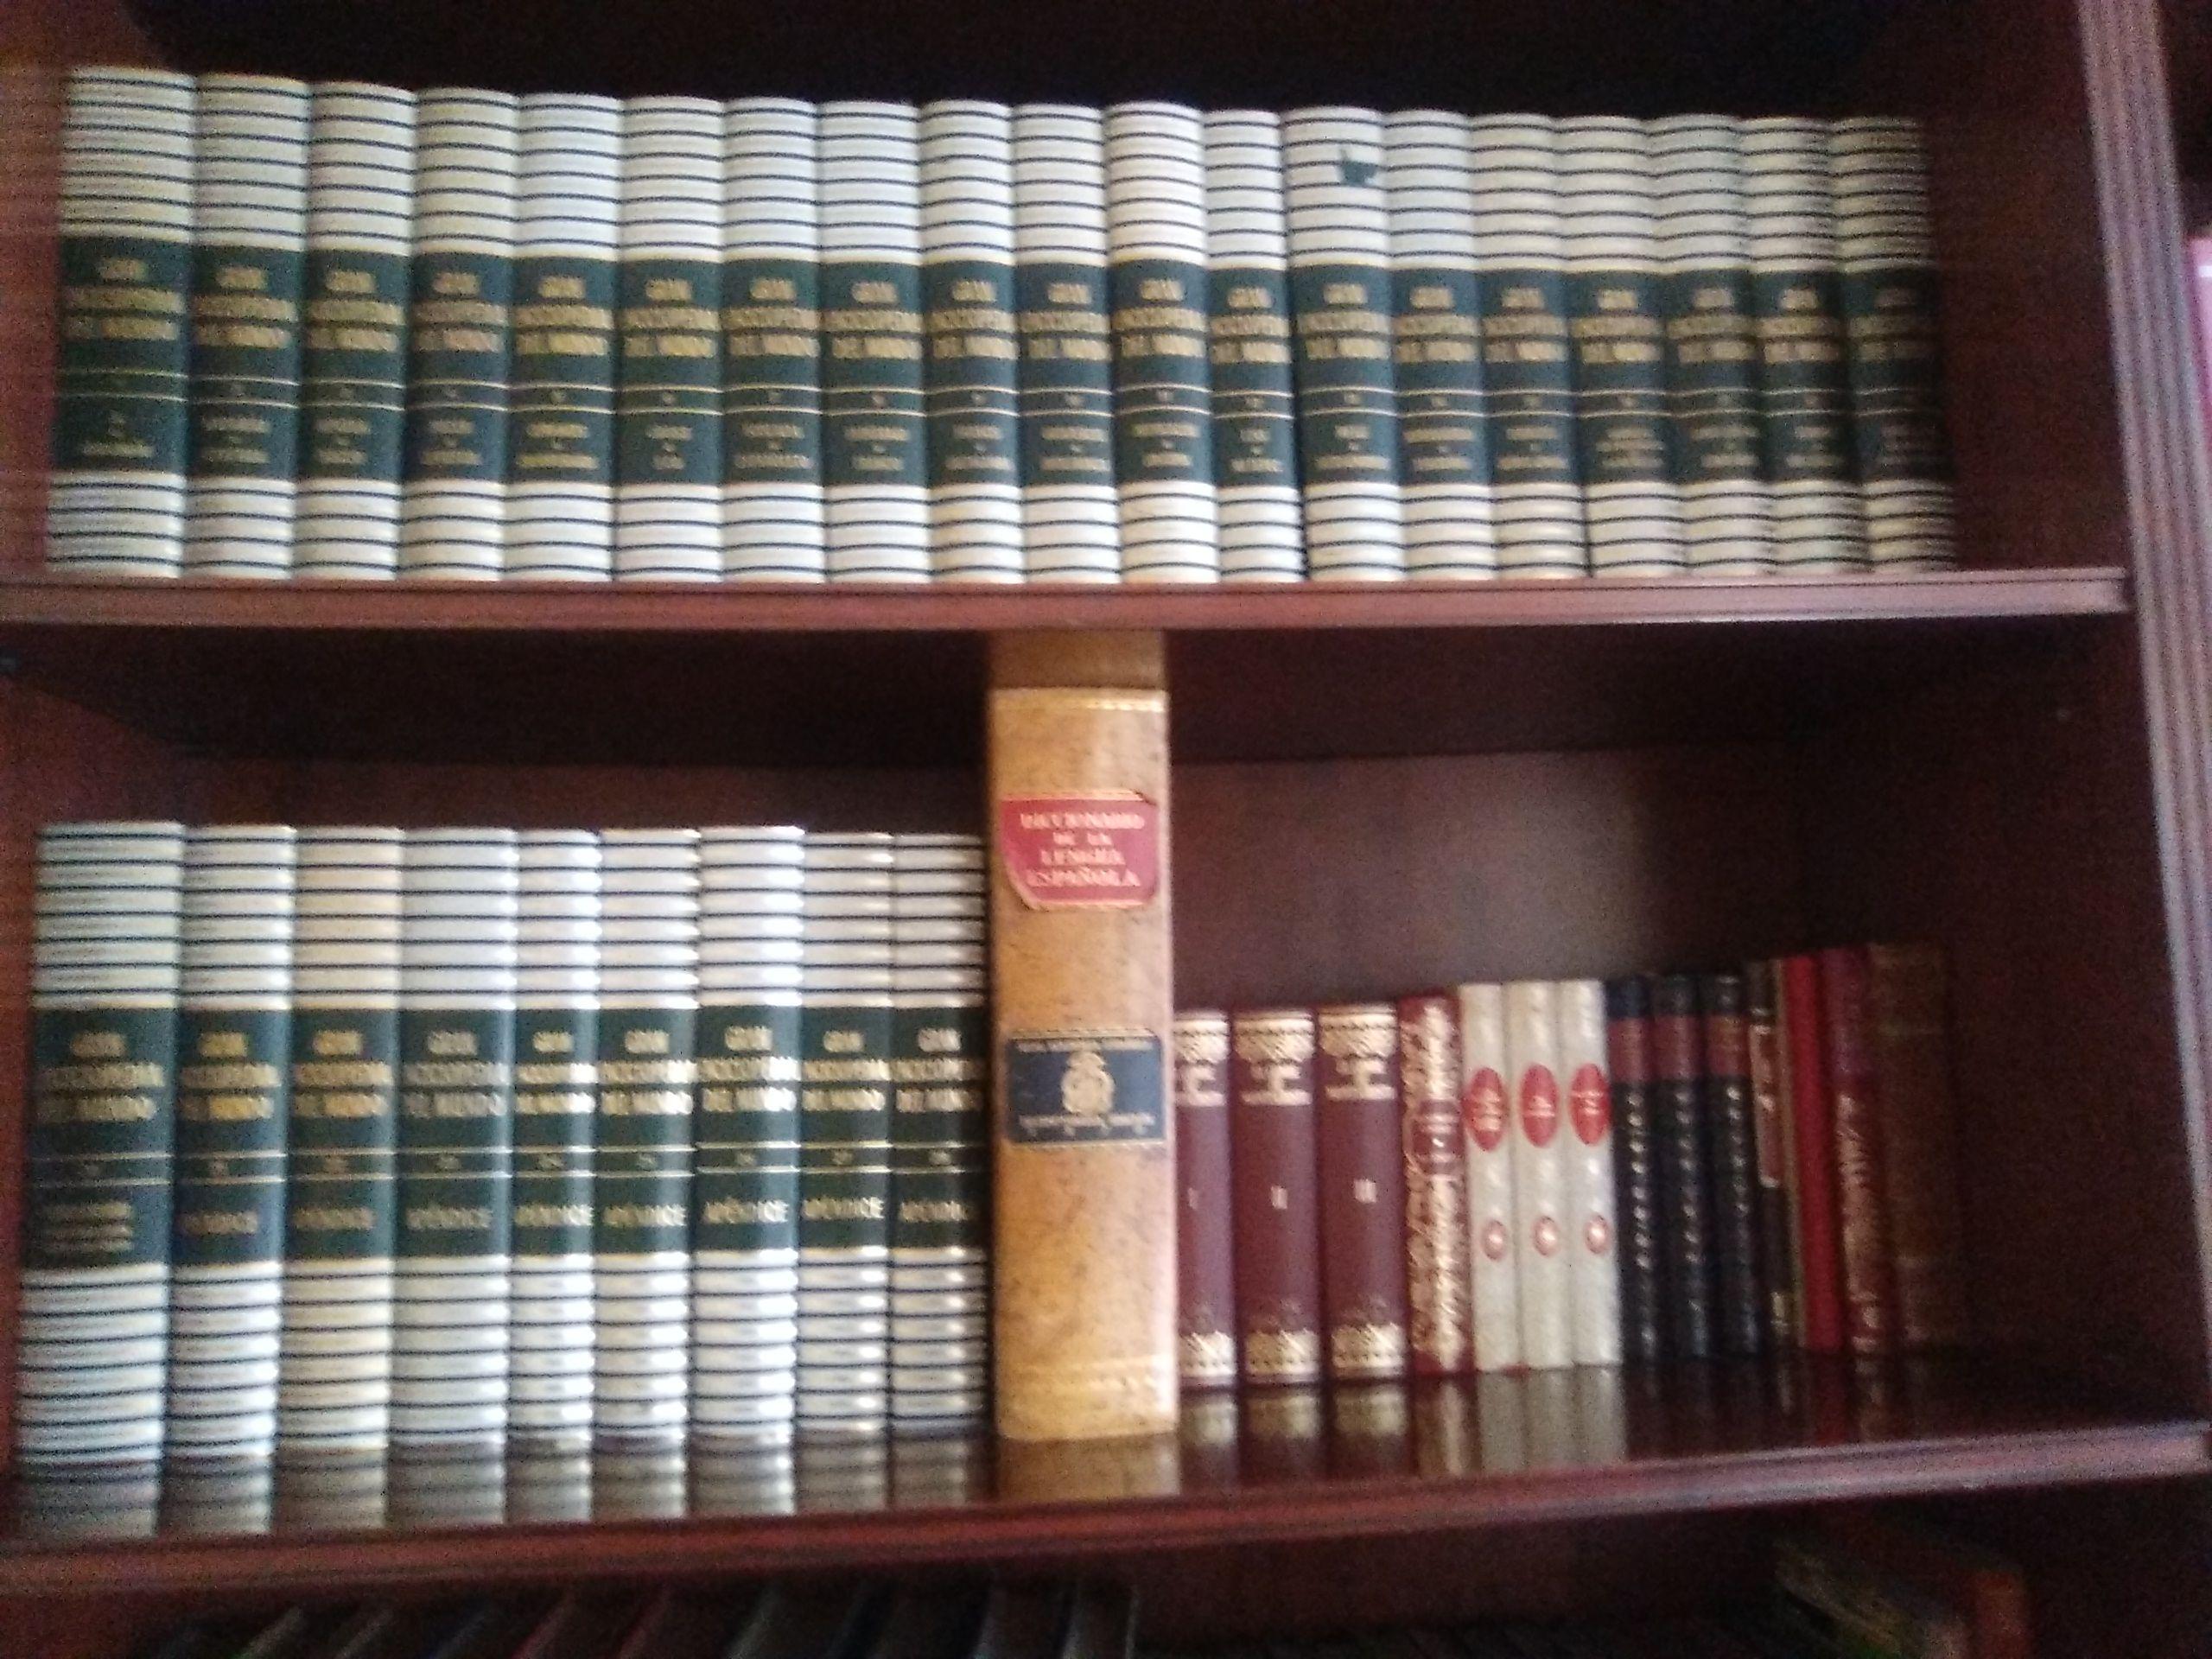 La enciclopedia con la que estudie